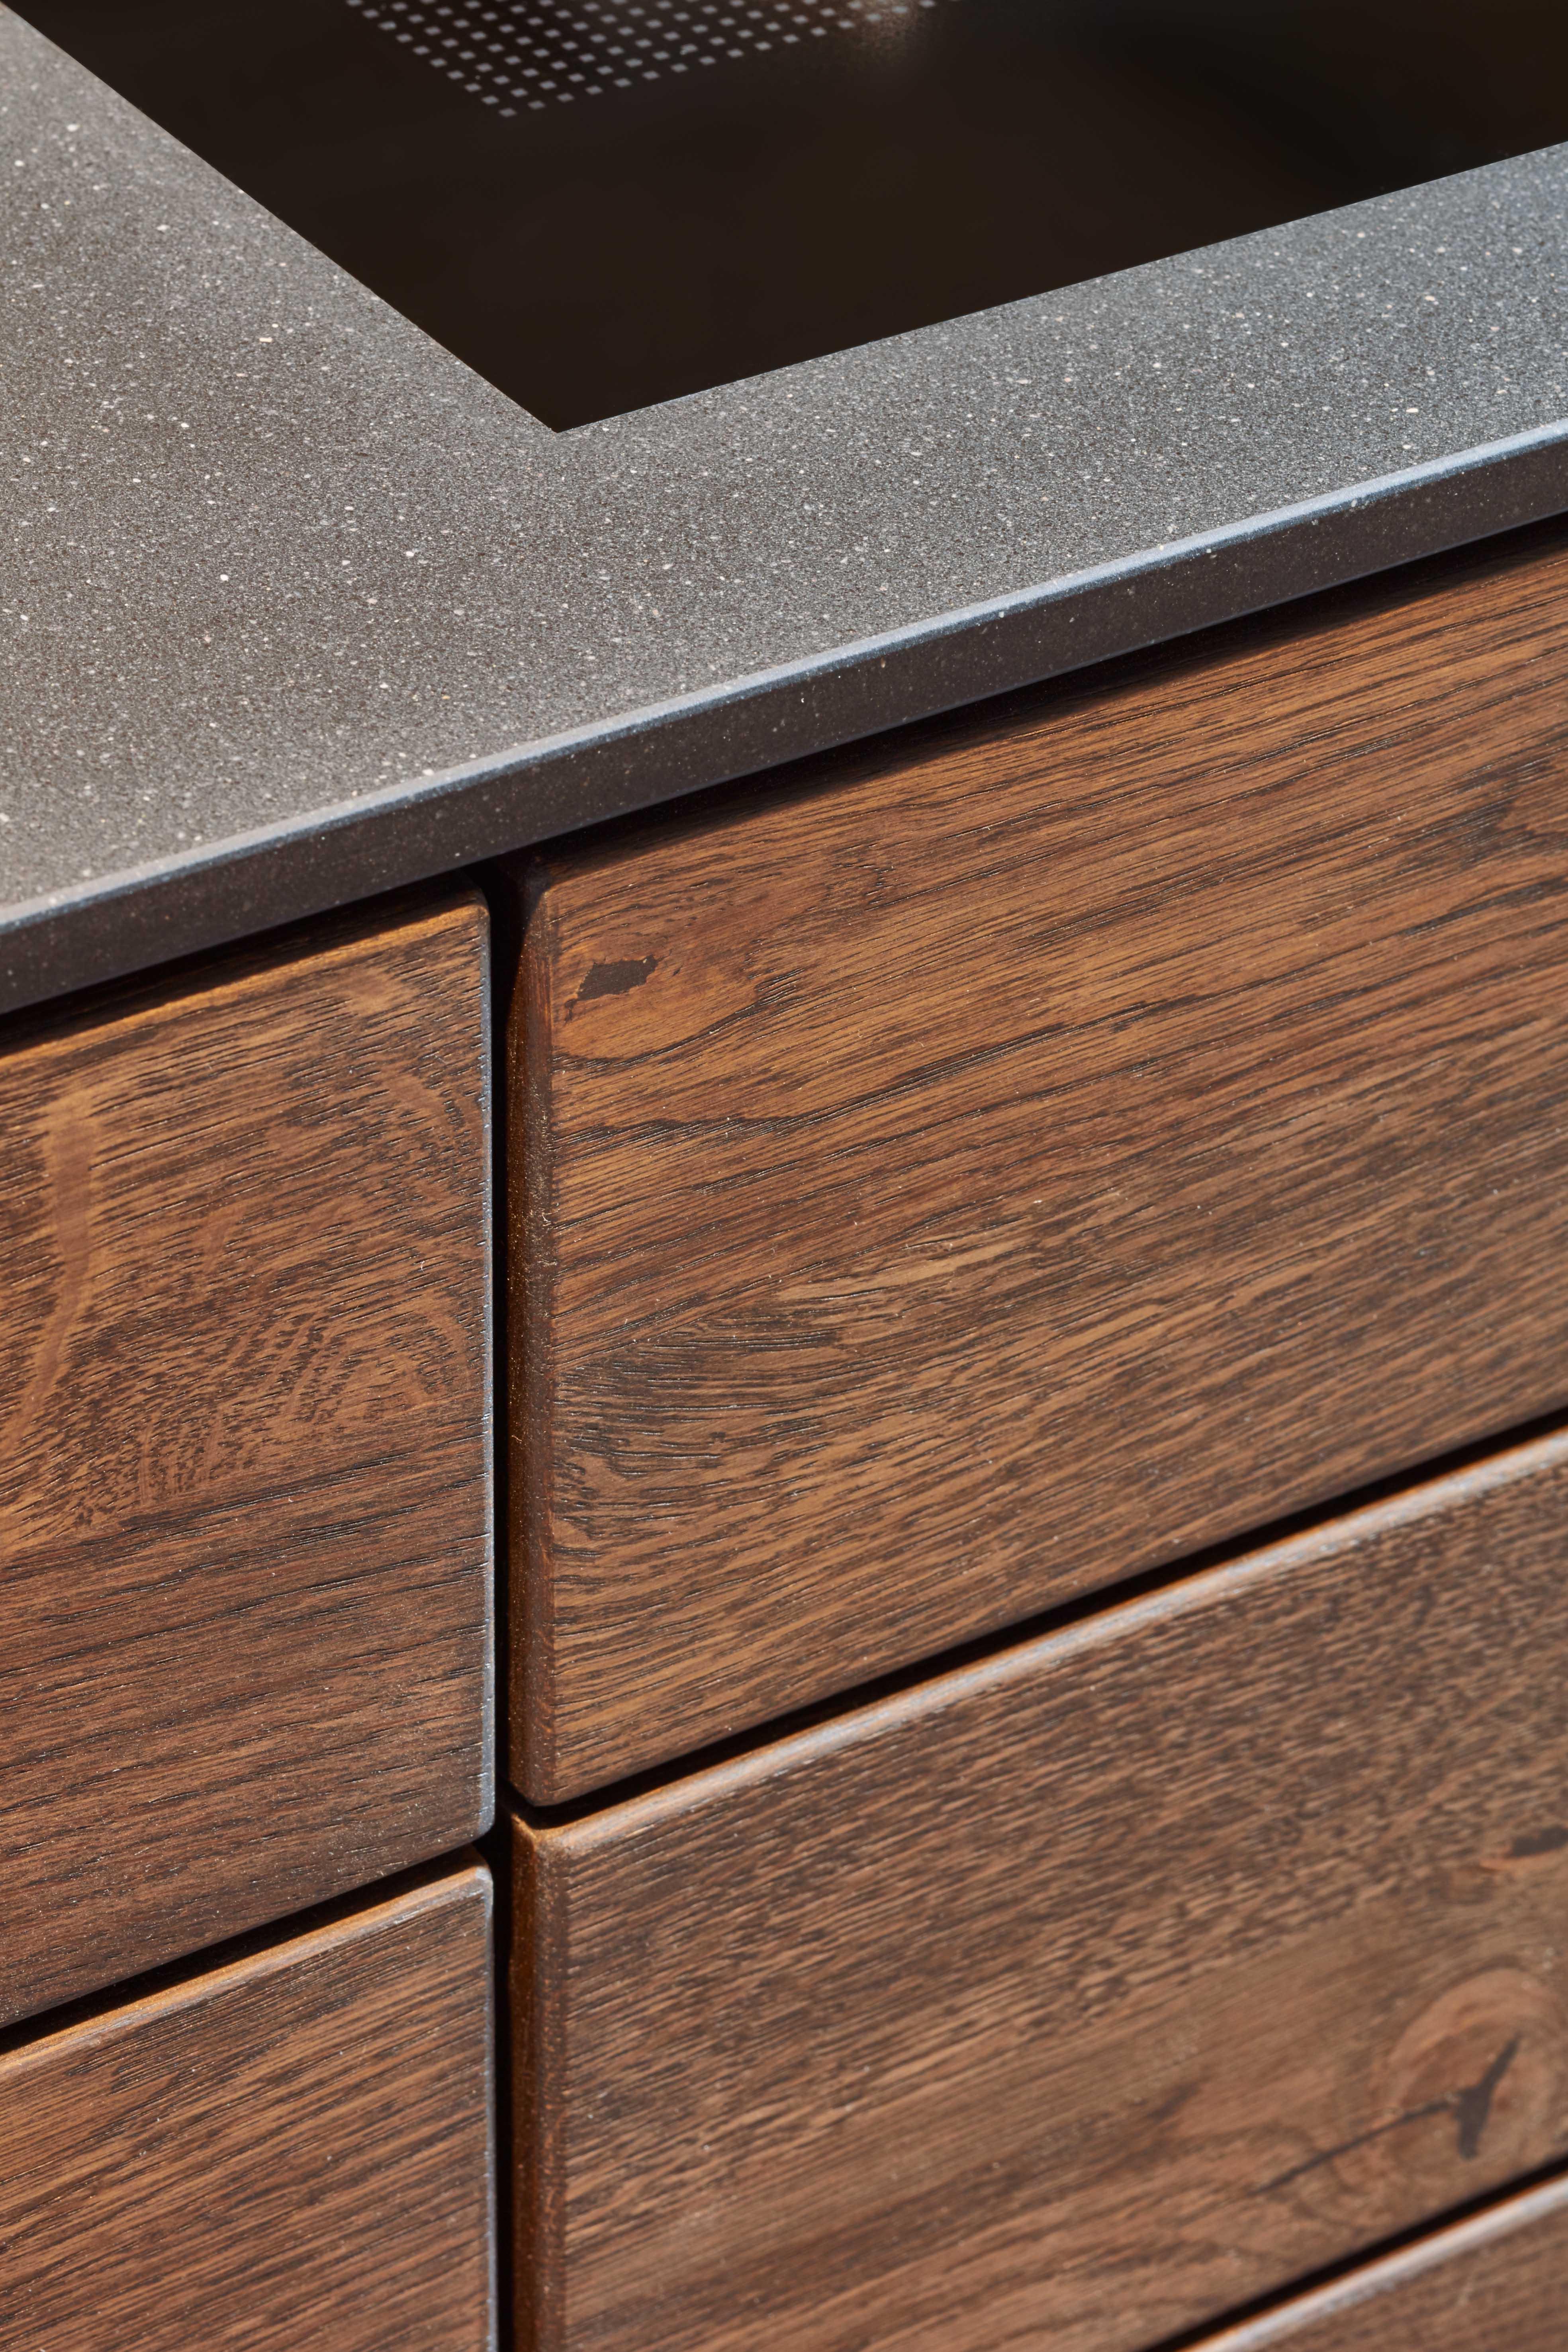 Holz Küchenfronten Zu Reinigen   Blogger Werden